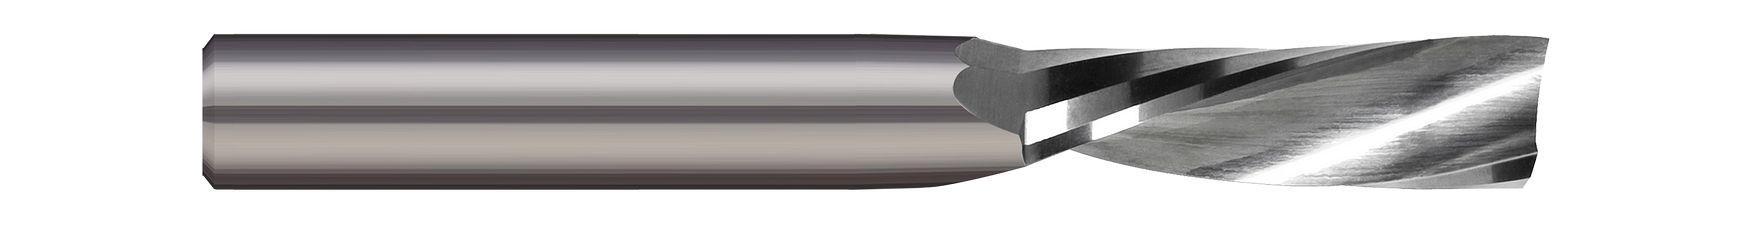 tool-details-SFLM-060-50